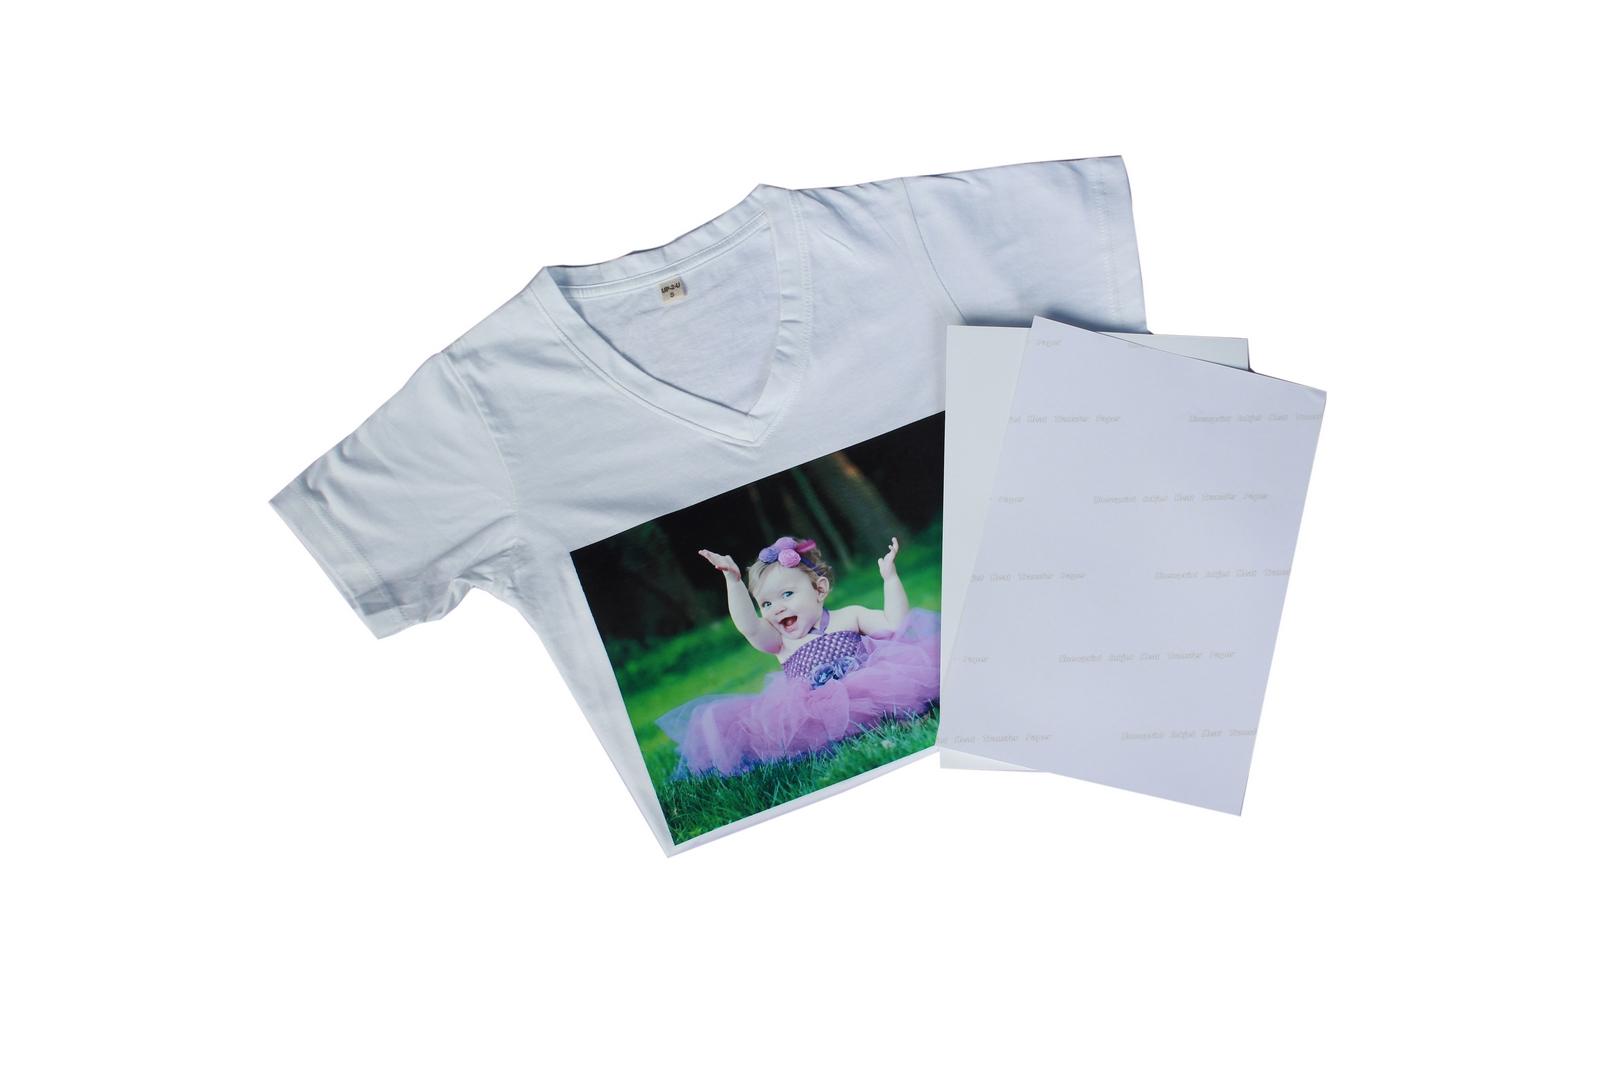 กระดาษพิมพ์ภาพลงเสื้อ ลอกลายลงเสื้อ สำหรับผ้าขาว ขนาด A4